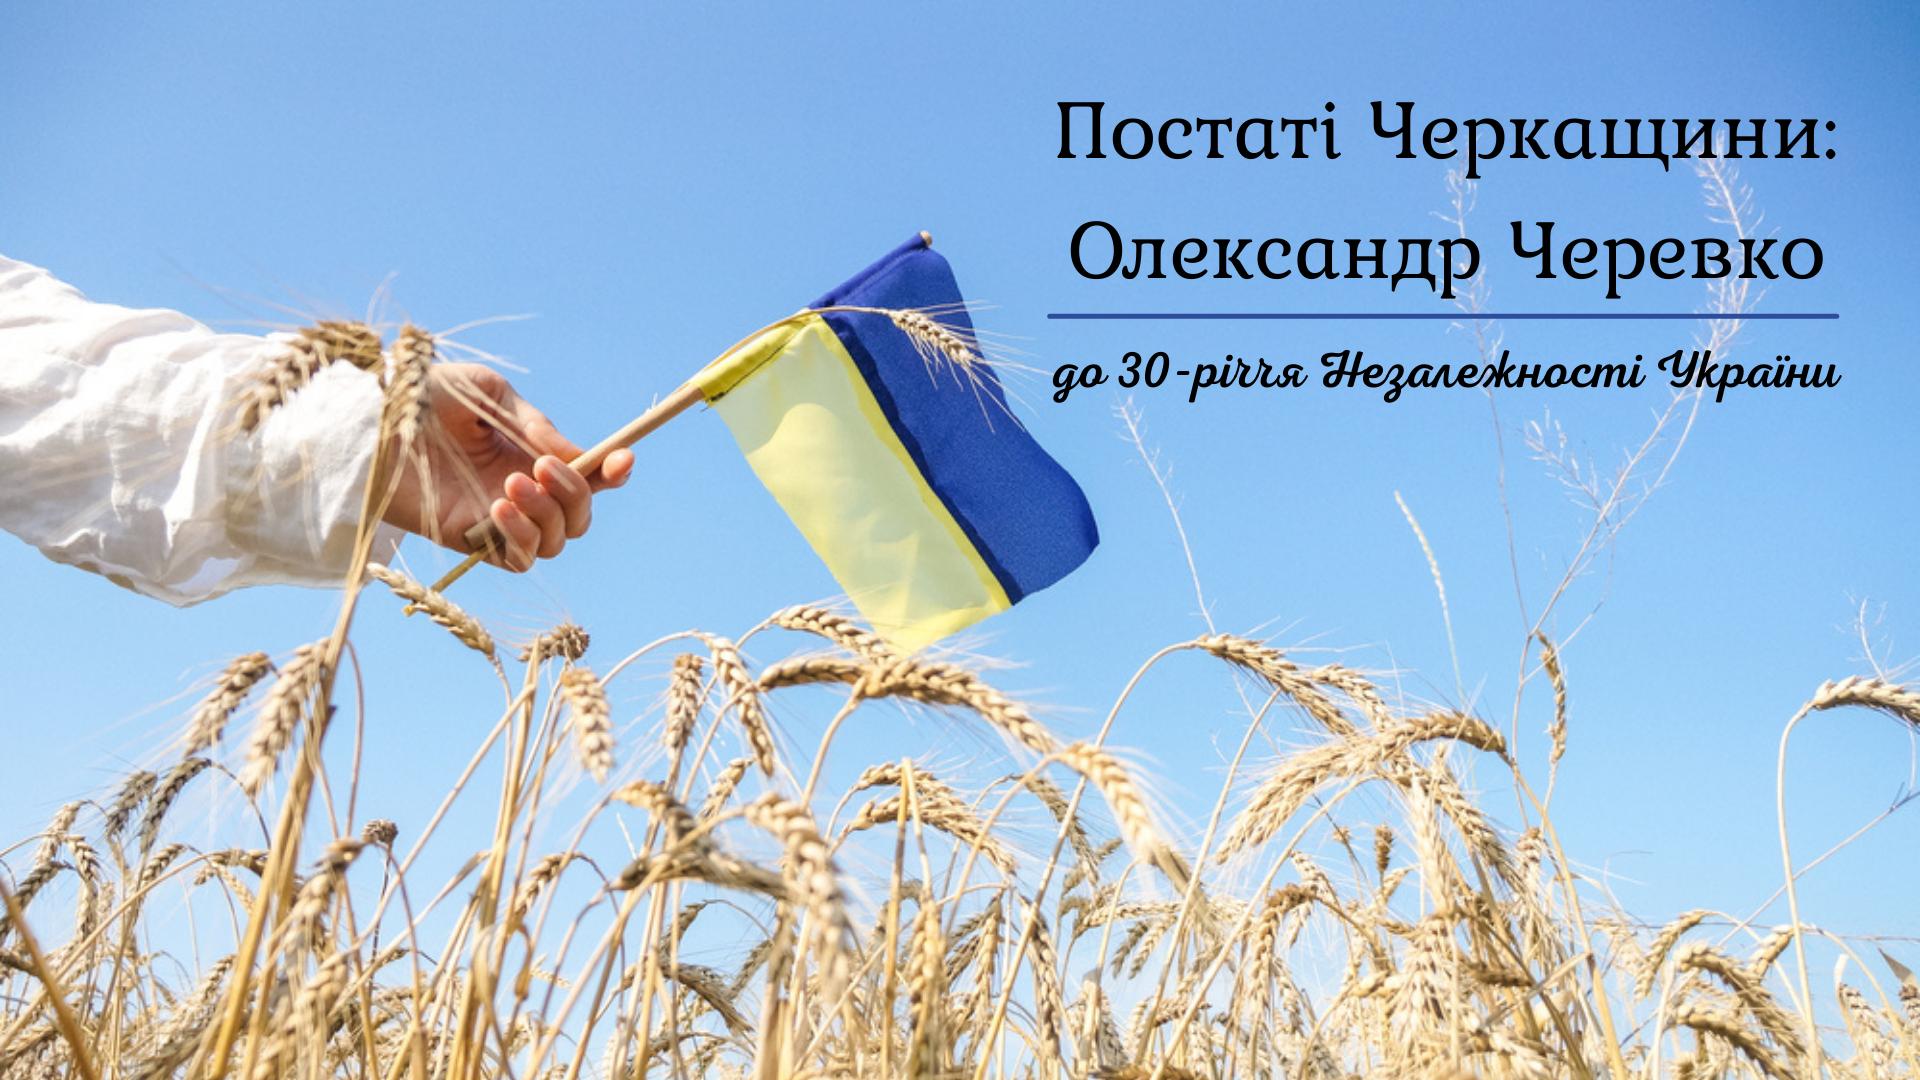 Постаті Черкащини: Олександр Черевко. До 30-річчя Незалежності України